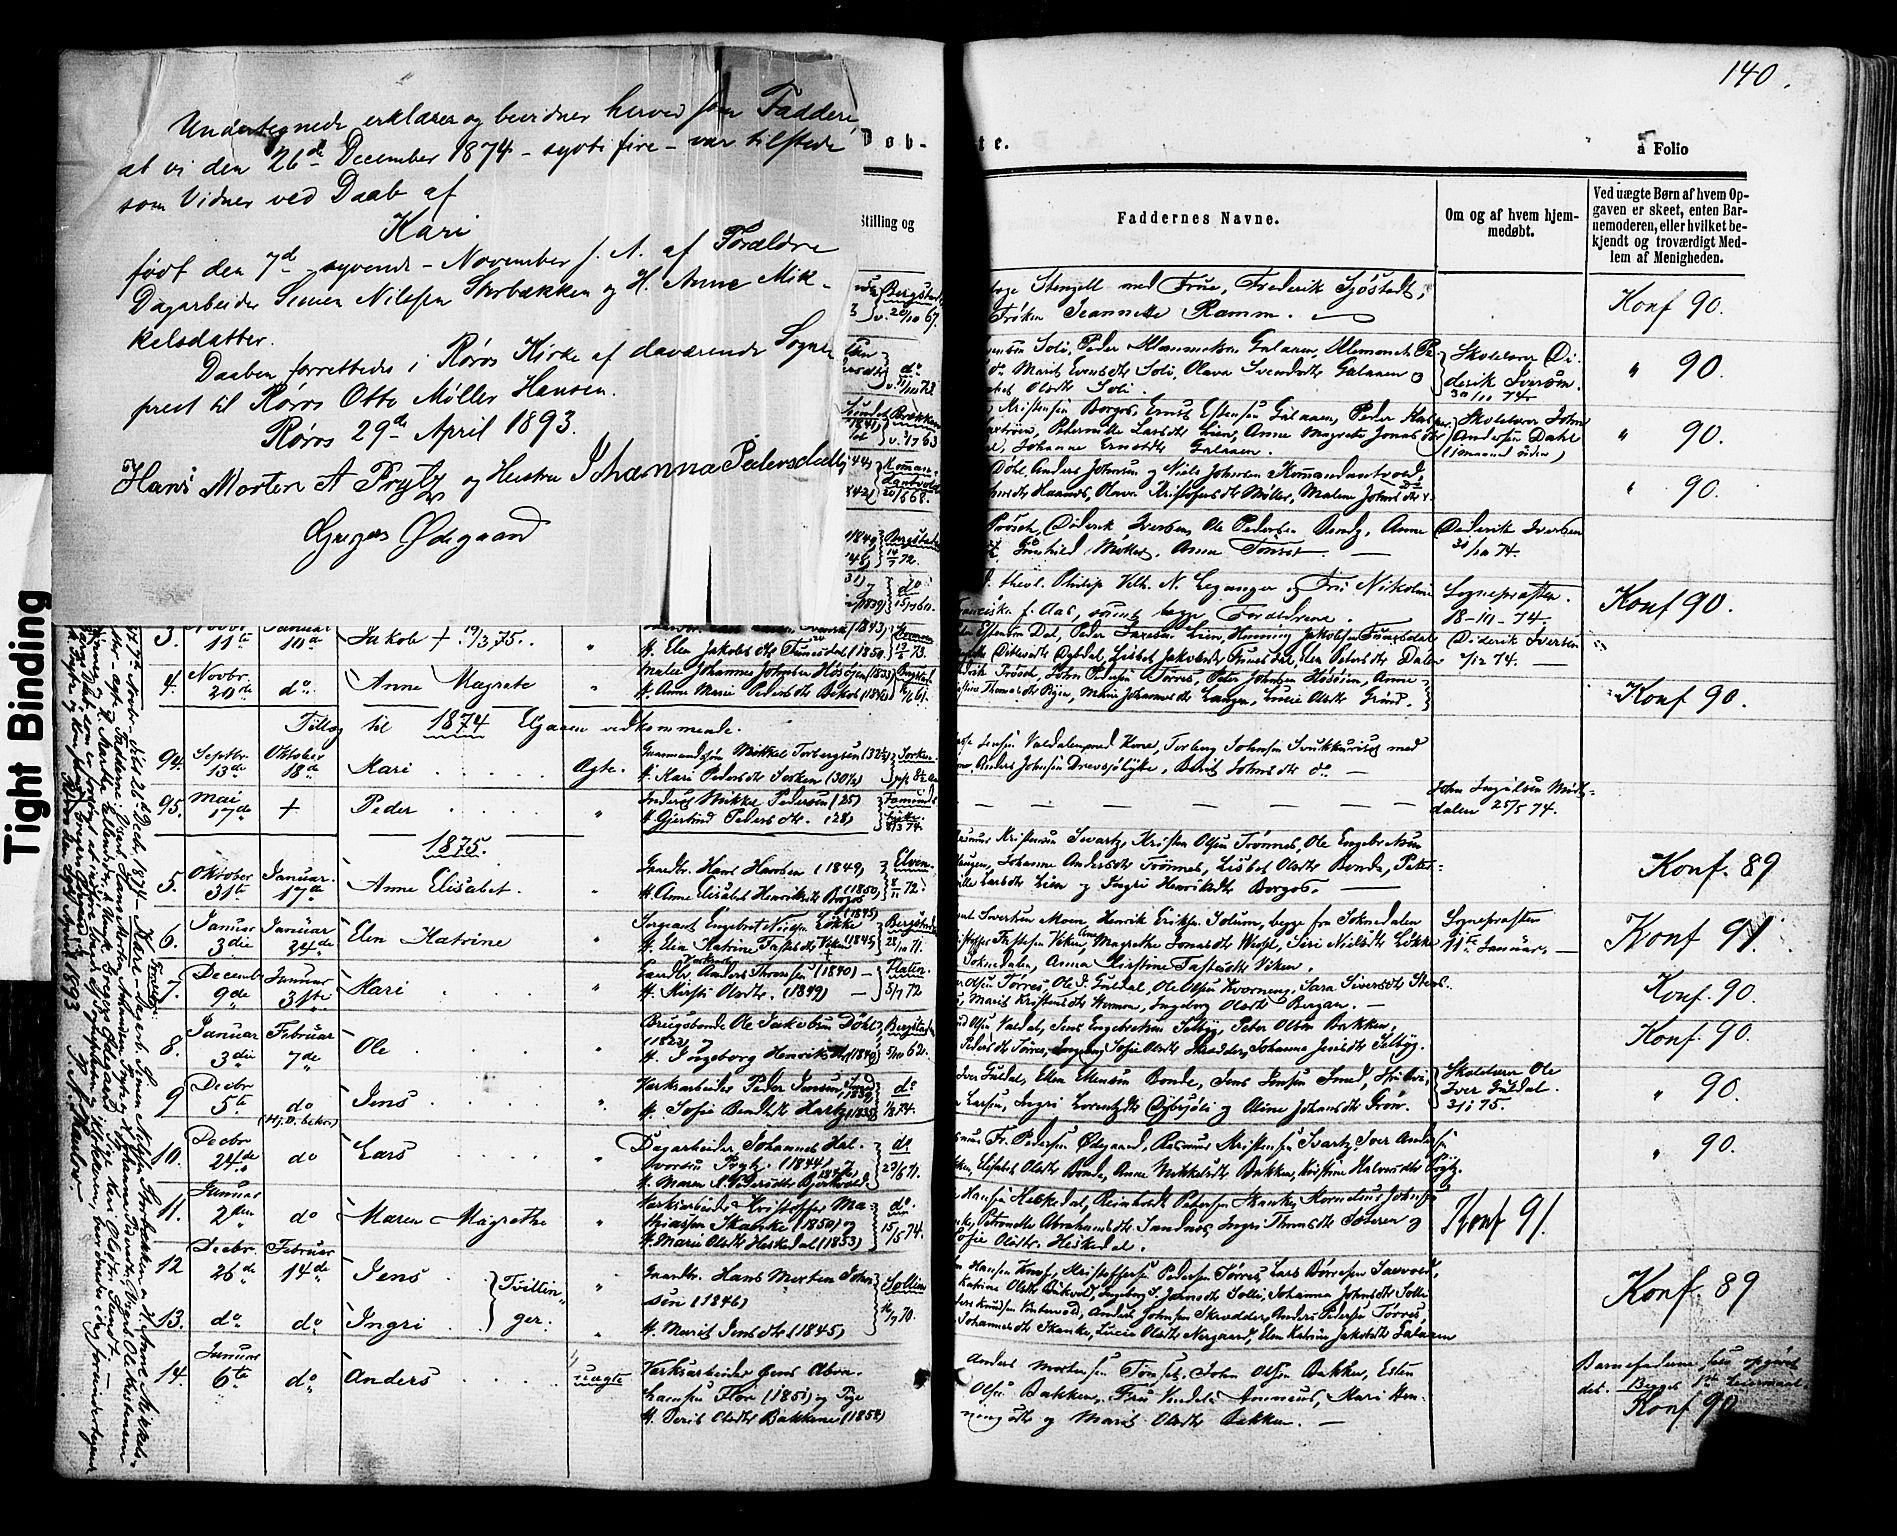 SAT, Ministerialprotokoller, klokkerbøker og fødselsregistre - Sør-Trøndelag, 681/L0932: Ministerialbok nr. 681A10, 1860-1878, s. 140